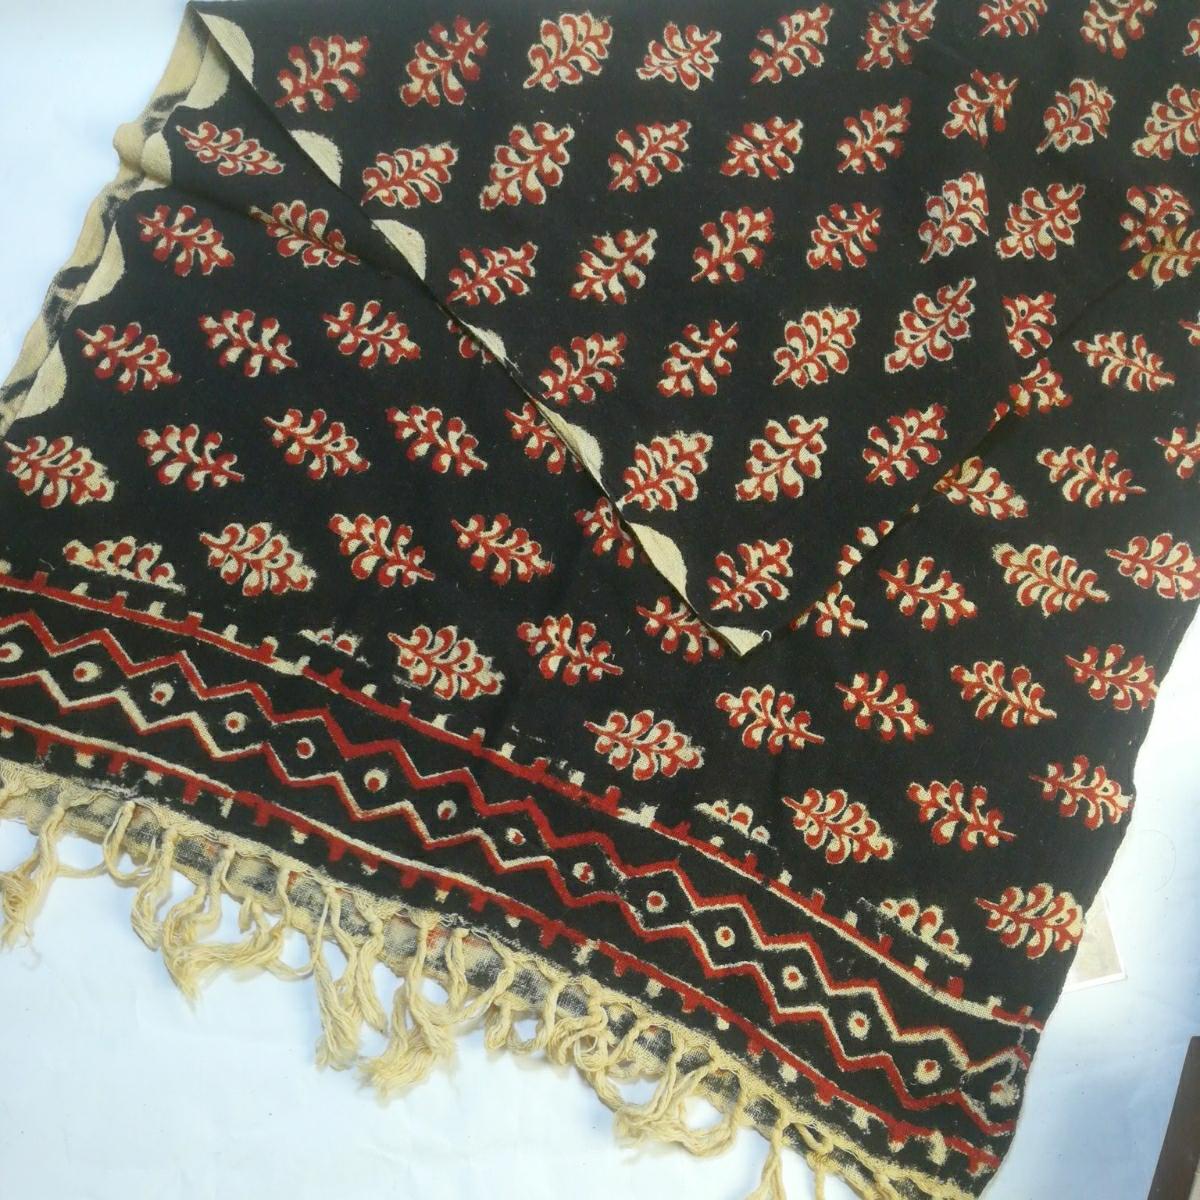 インドブロックプリント草木染テーブルクロスライナースカーフショール 55X158cm フリンジ含170cm 木版 カディ手織り藍染半額送料無料 SW-2